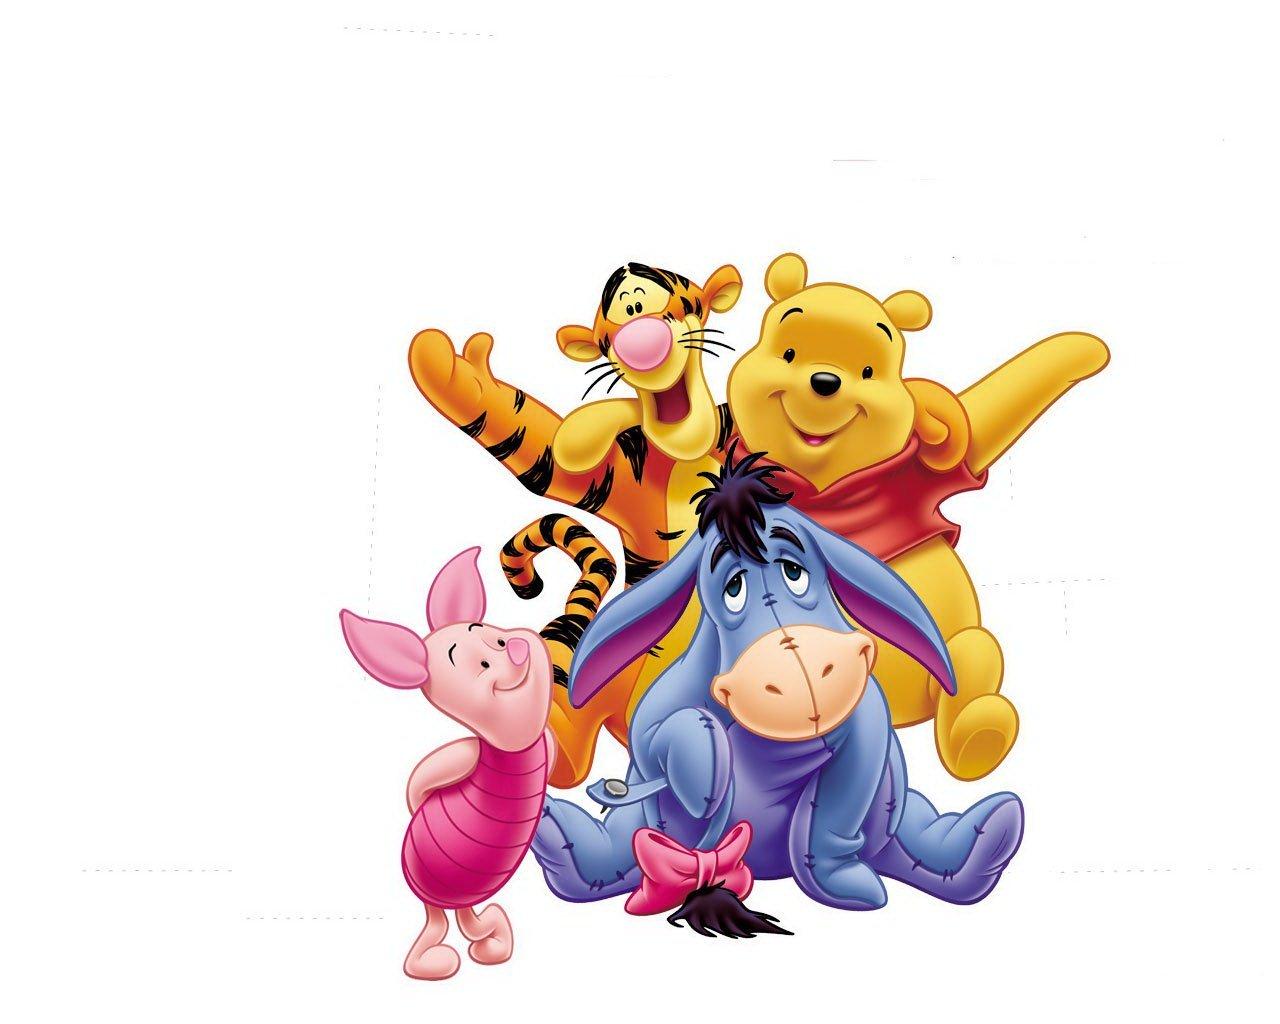 Wallpapers scrensaver sfondi gratis di winnie the pooh